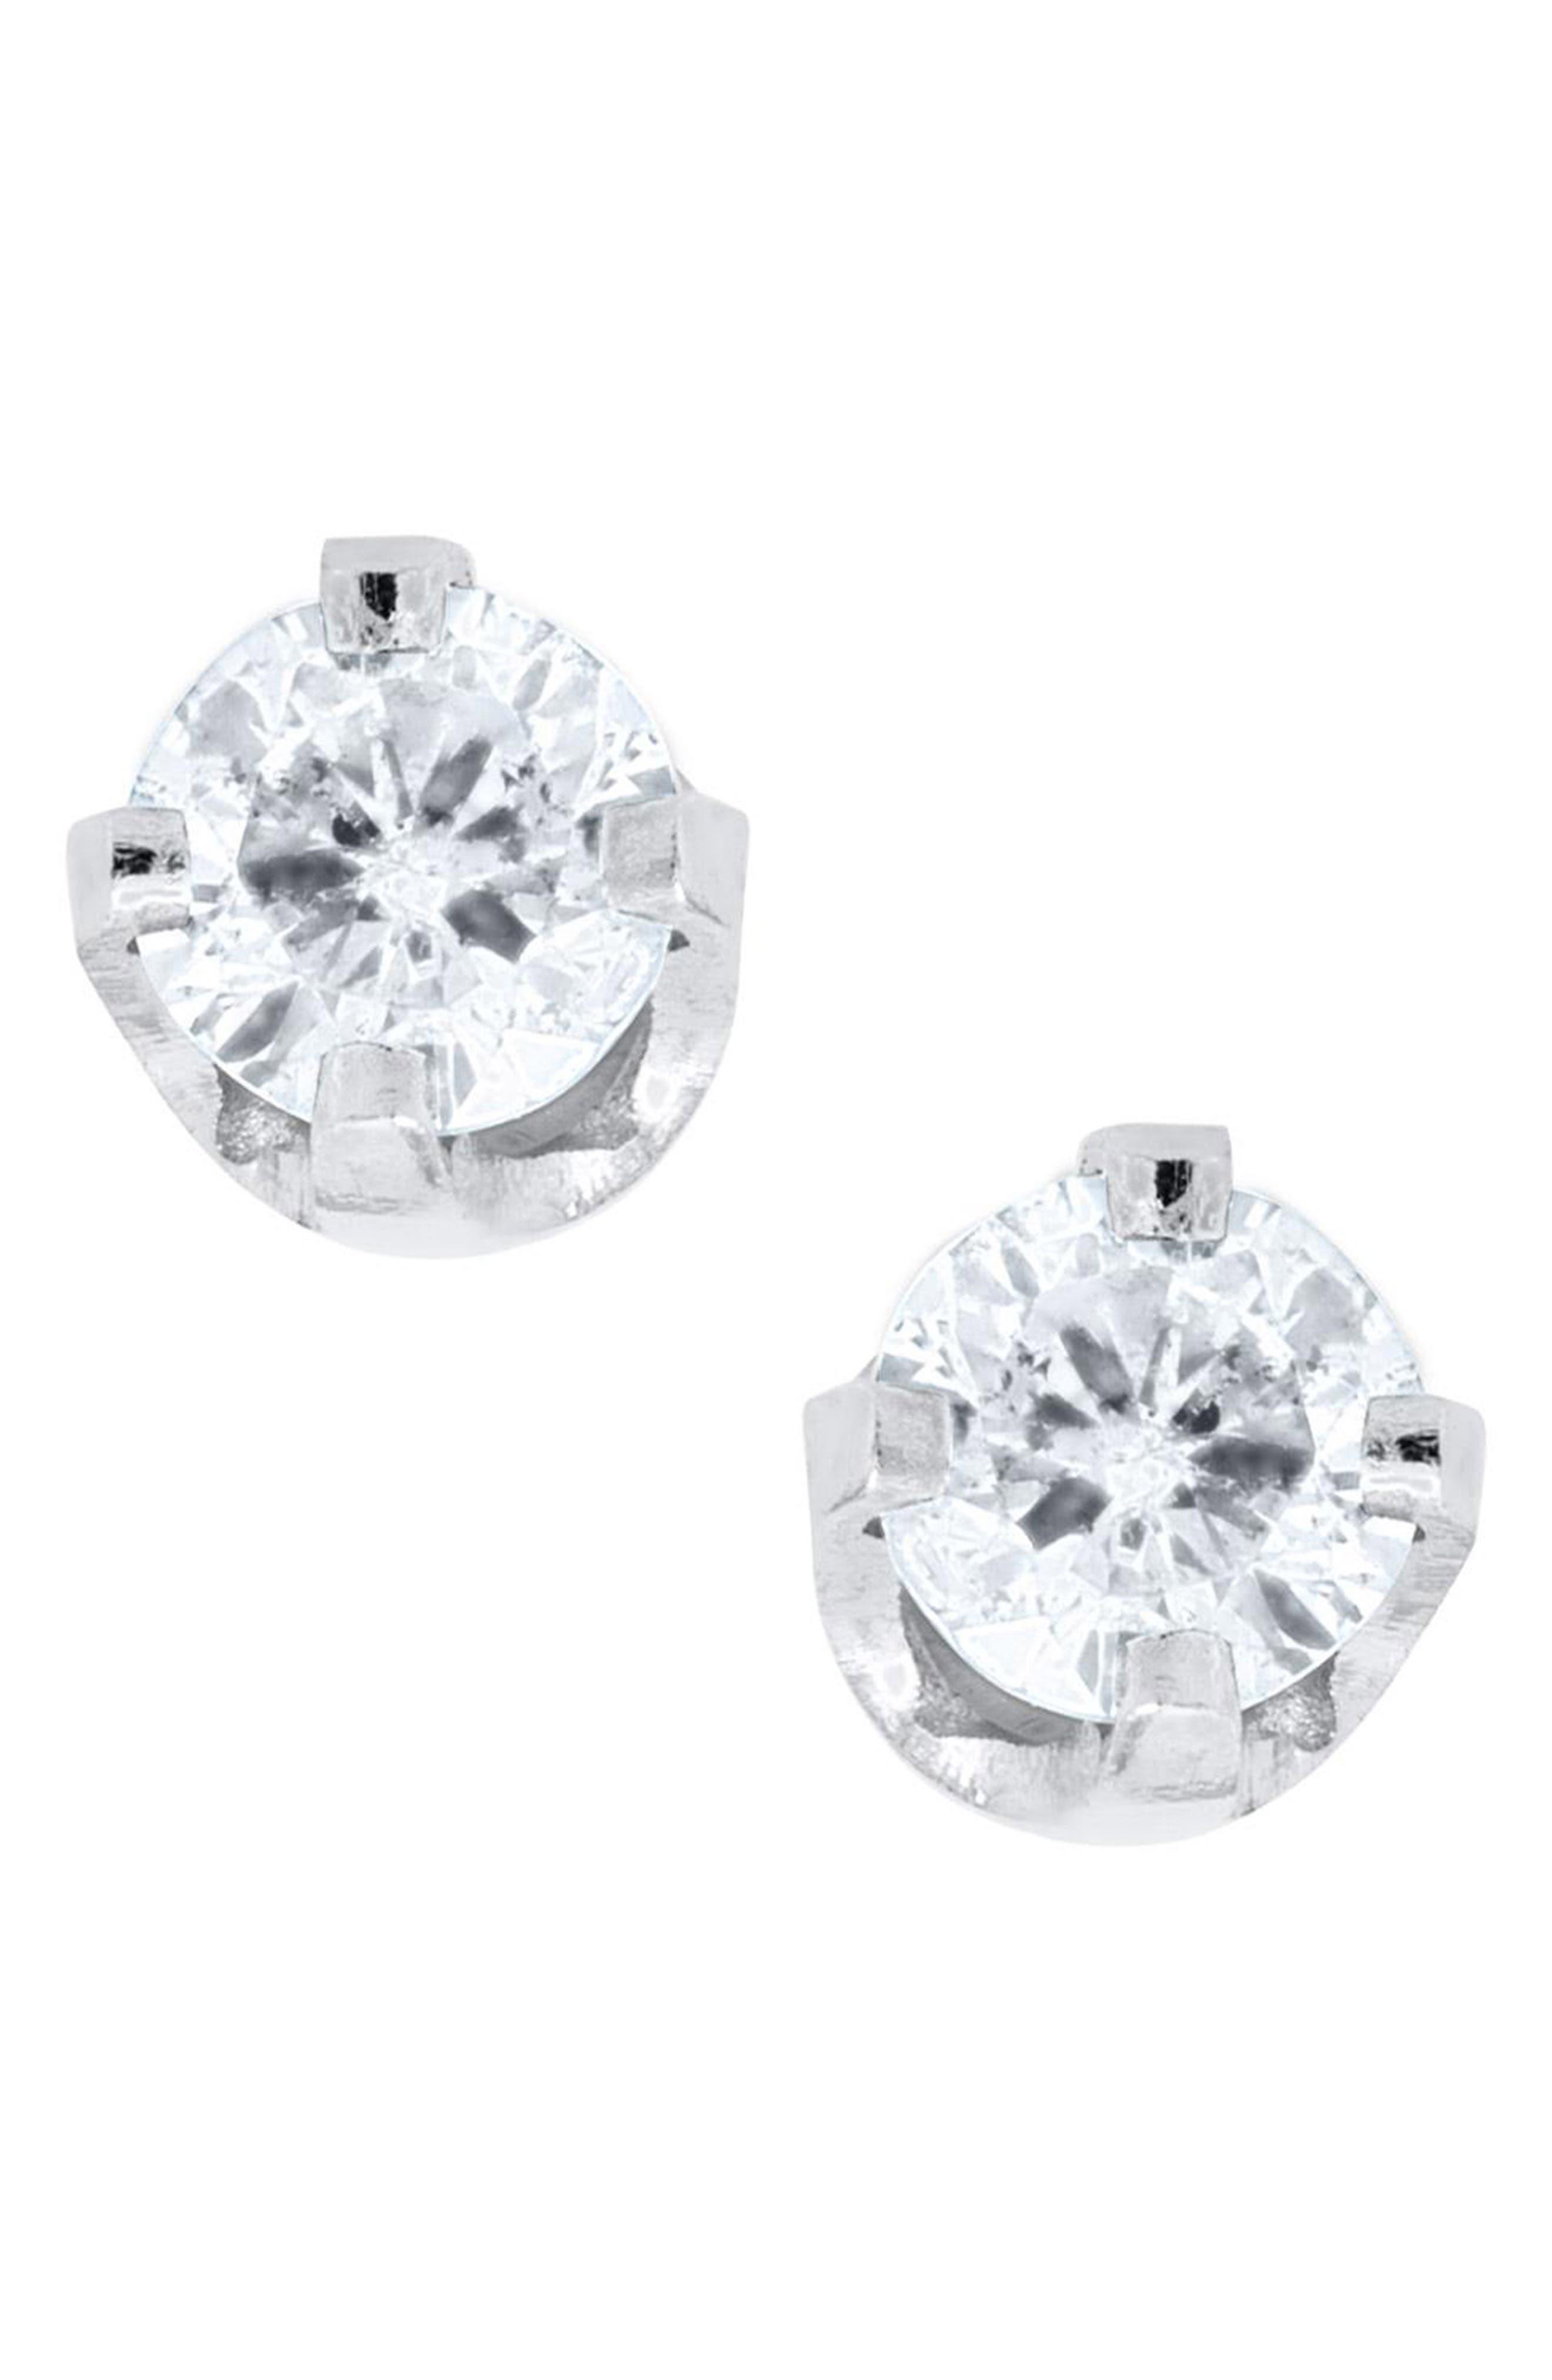 14k White Gold & Diamond Earrings,                         Main,                         color, WHITE